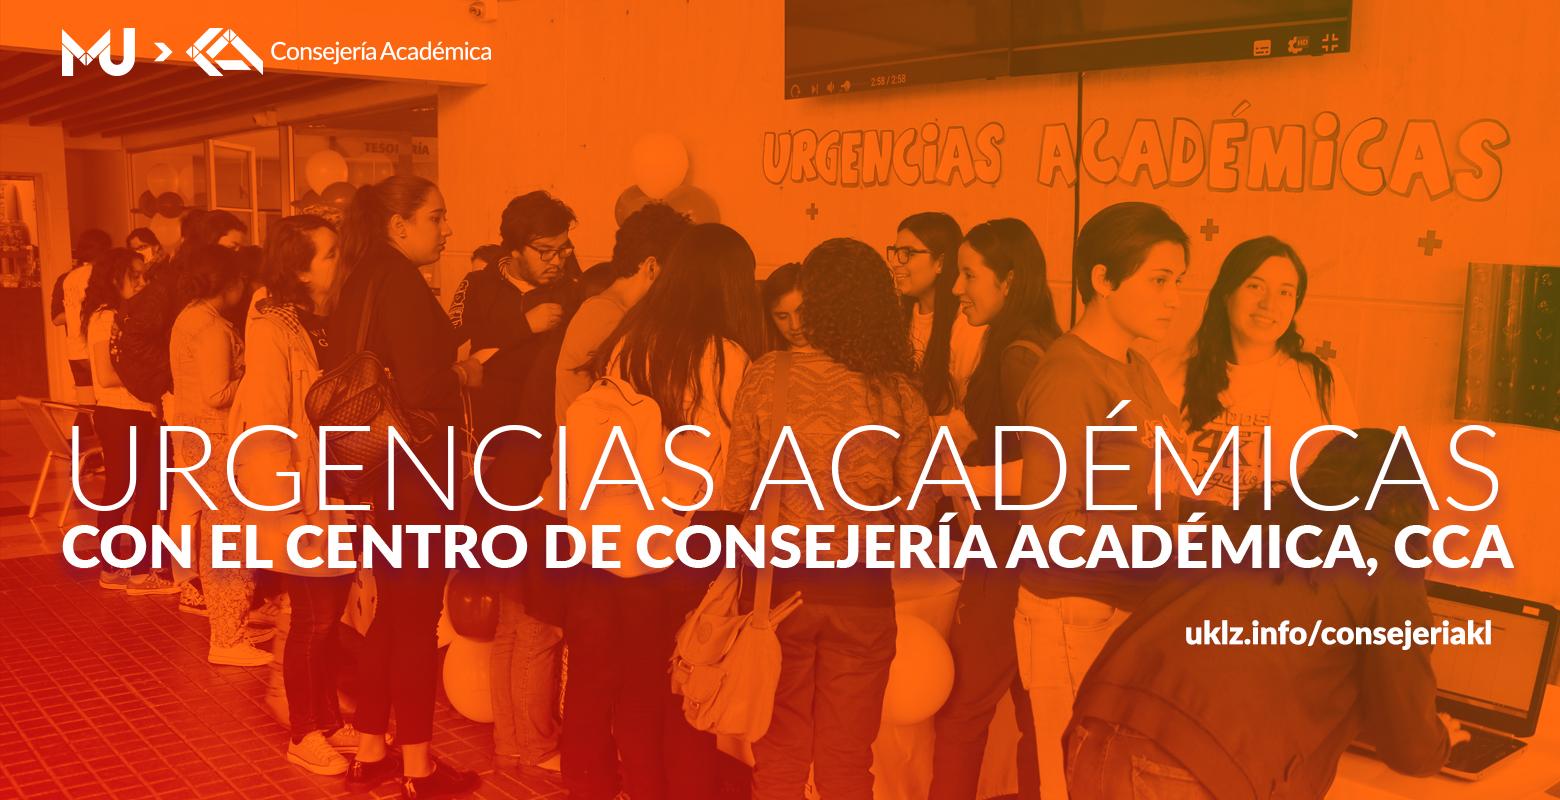 Urgencias Académicas con el Centro de Consejería Académica, CCA.